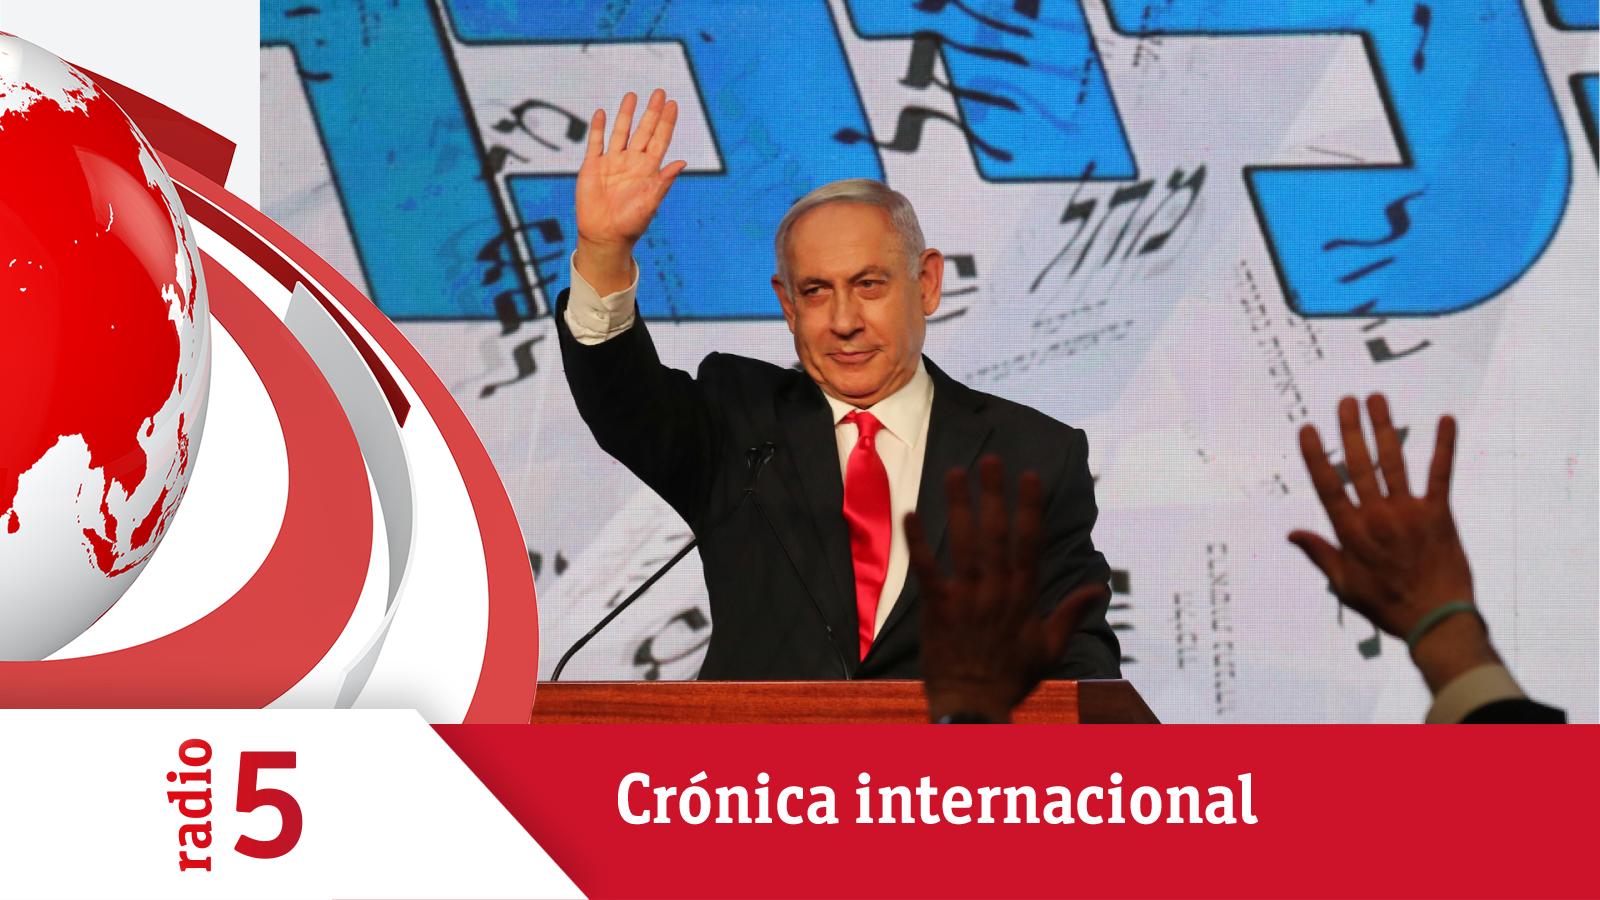 Crónica Internacional - Netanyahu encabeza el recuento en Israel, pero no tiene mayoría - Escuchar ahora